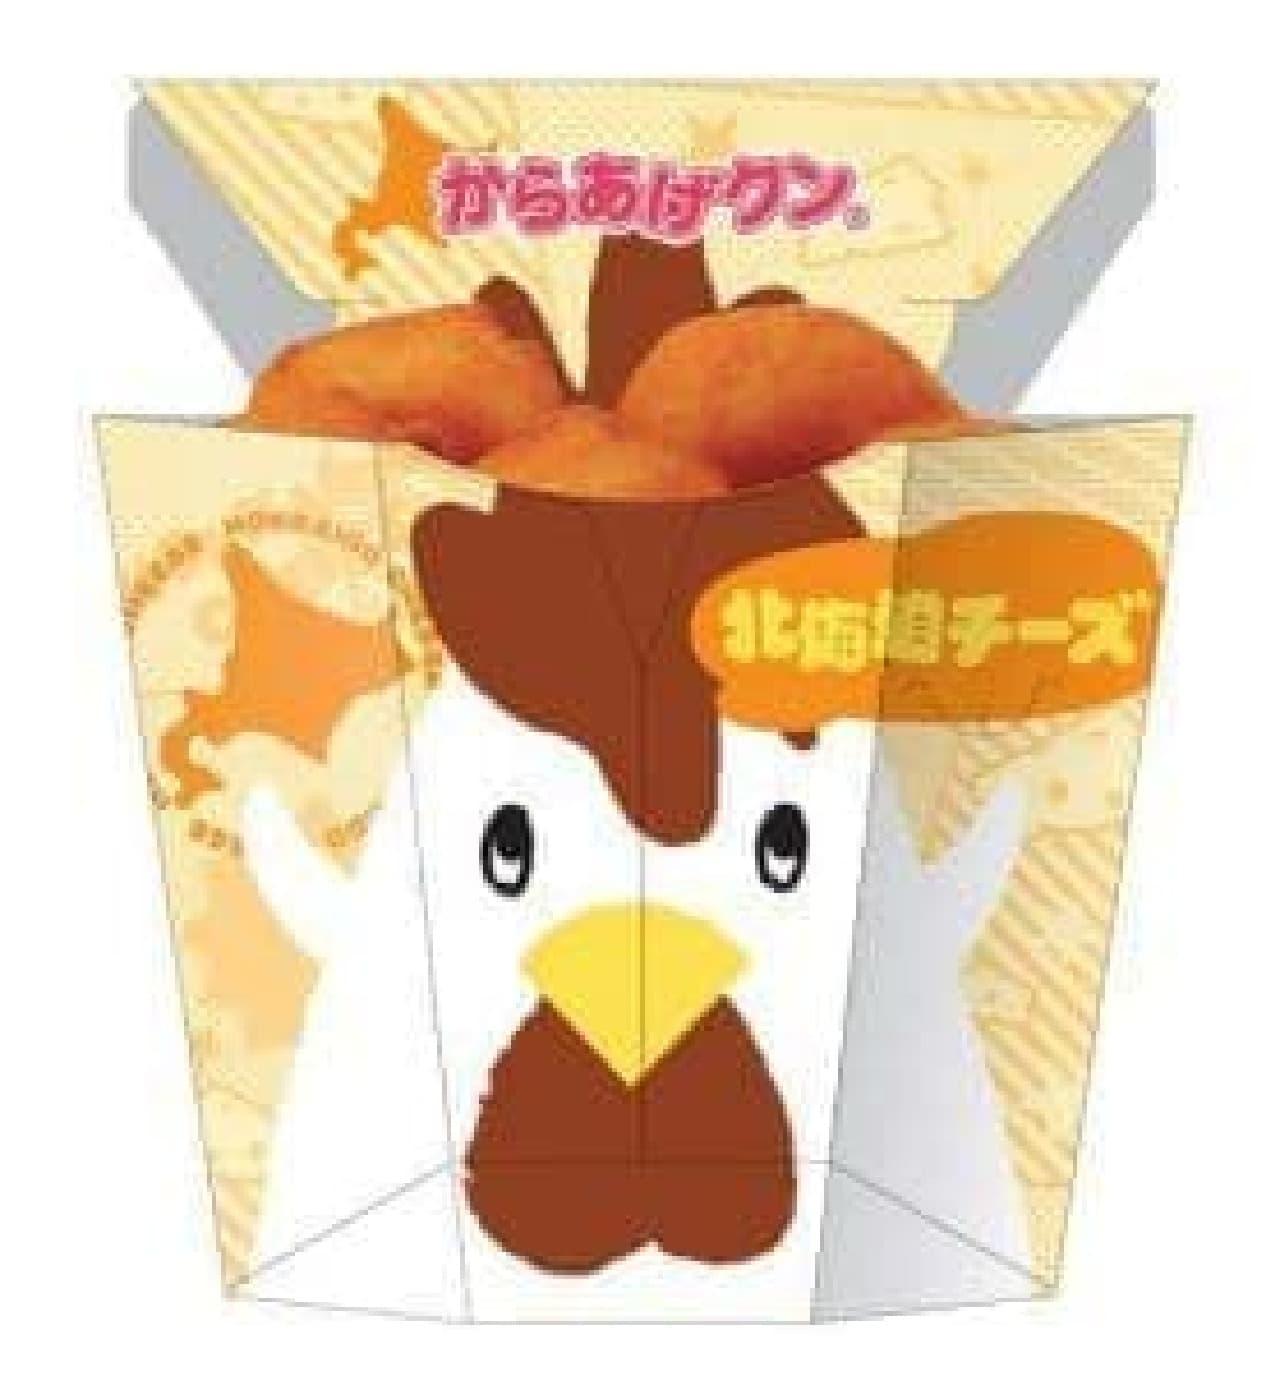 「からあげクン 北海道チーズ」